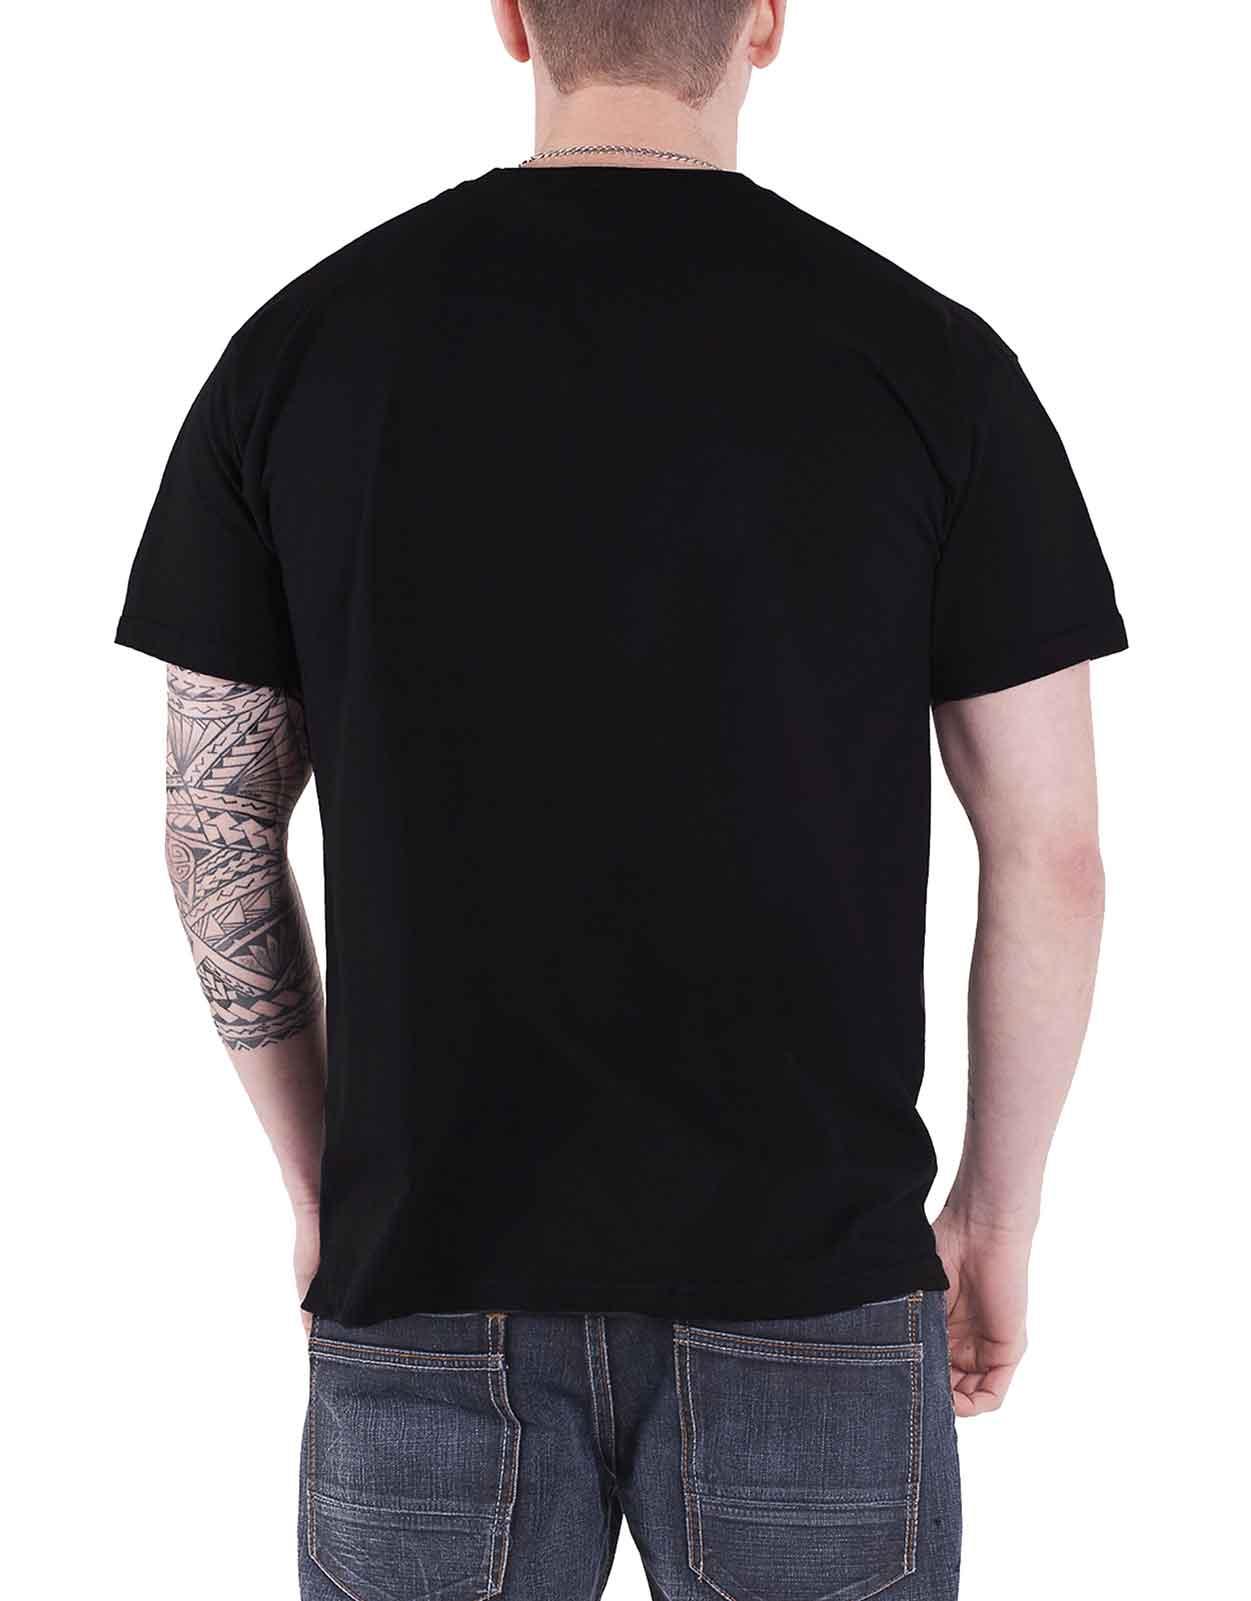 7af7e14ae Descendants T Shirt Miloband logo Official Mens New Black